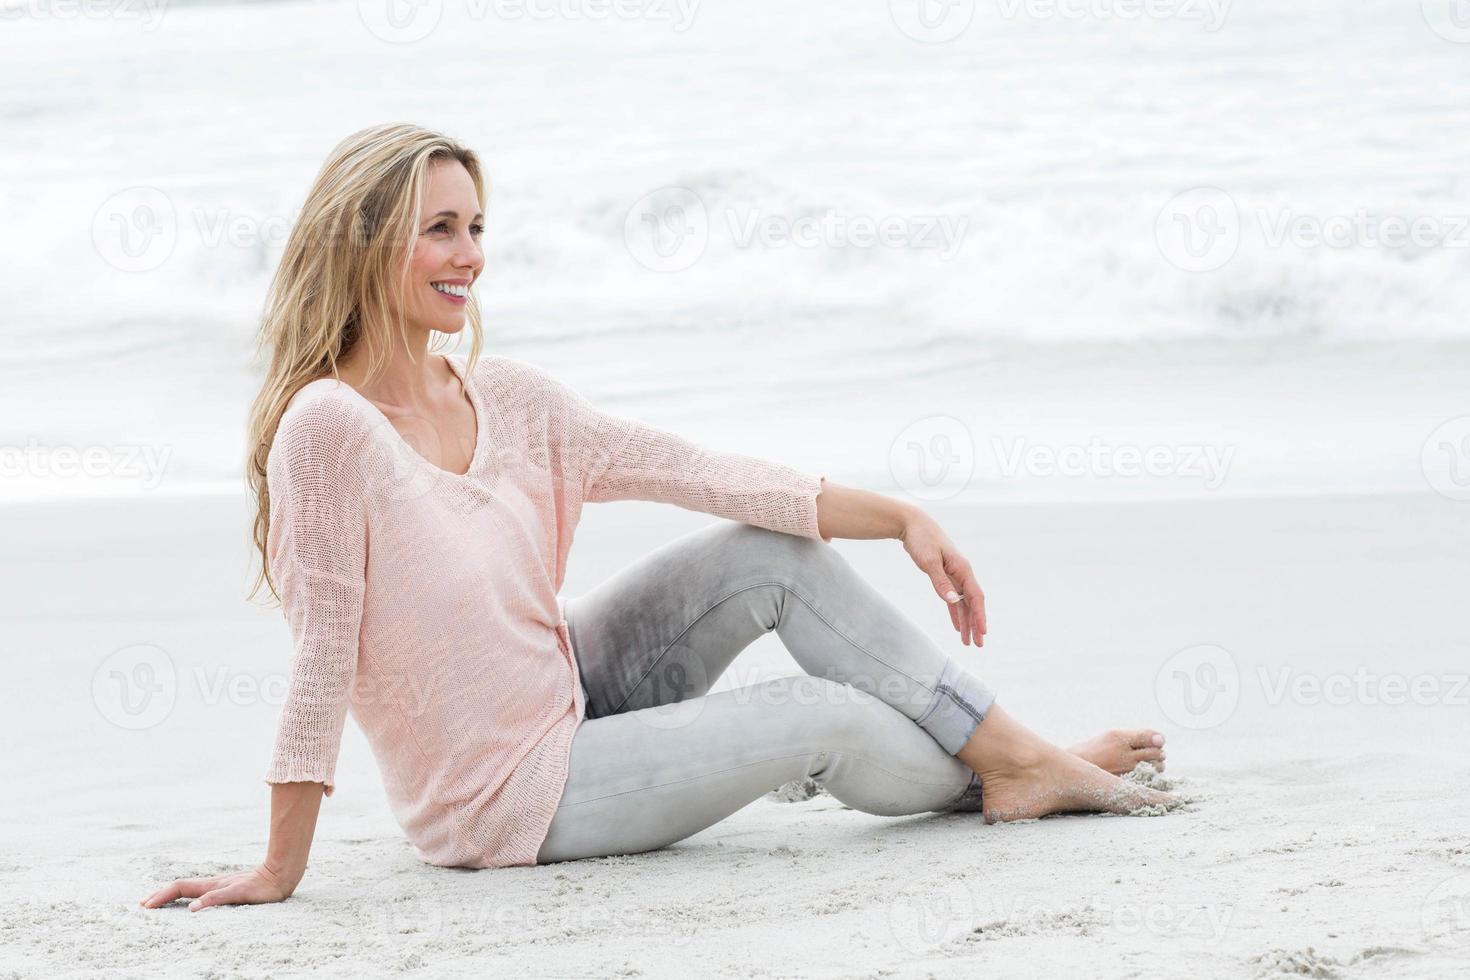 le ganska blond avkopplande på sanden foto